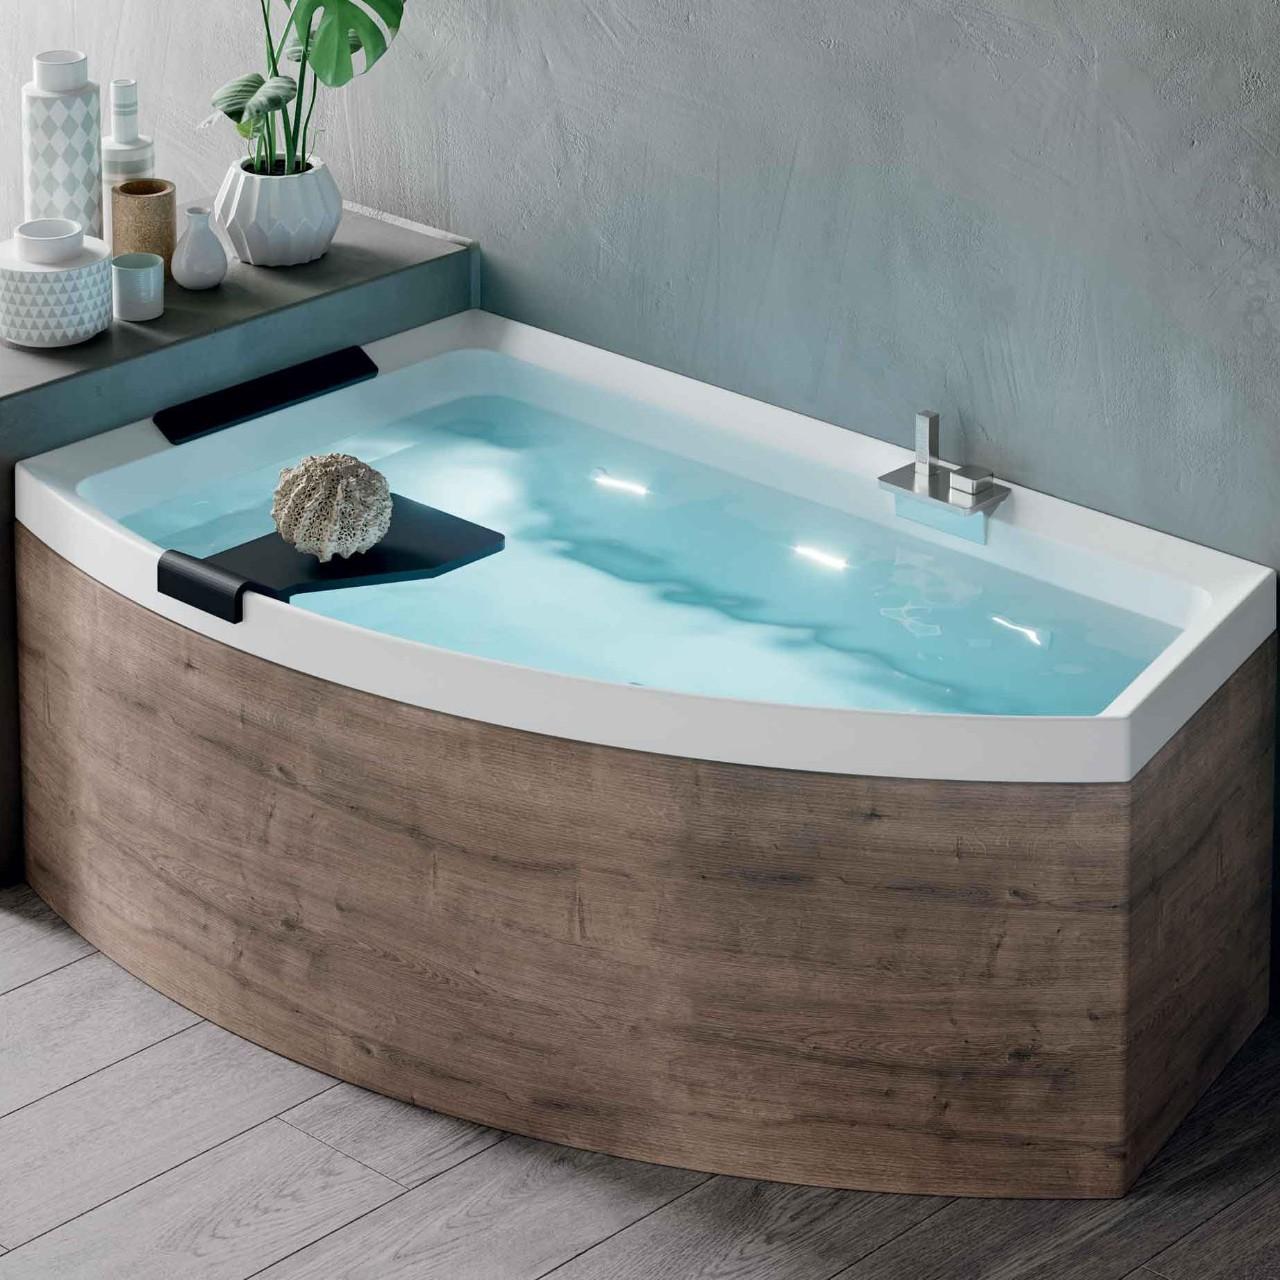 Vasche divina o novellini - Vasche da bagno asimmetriche 160x70 ...